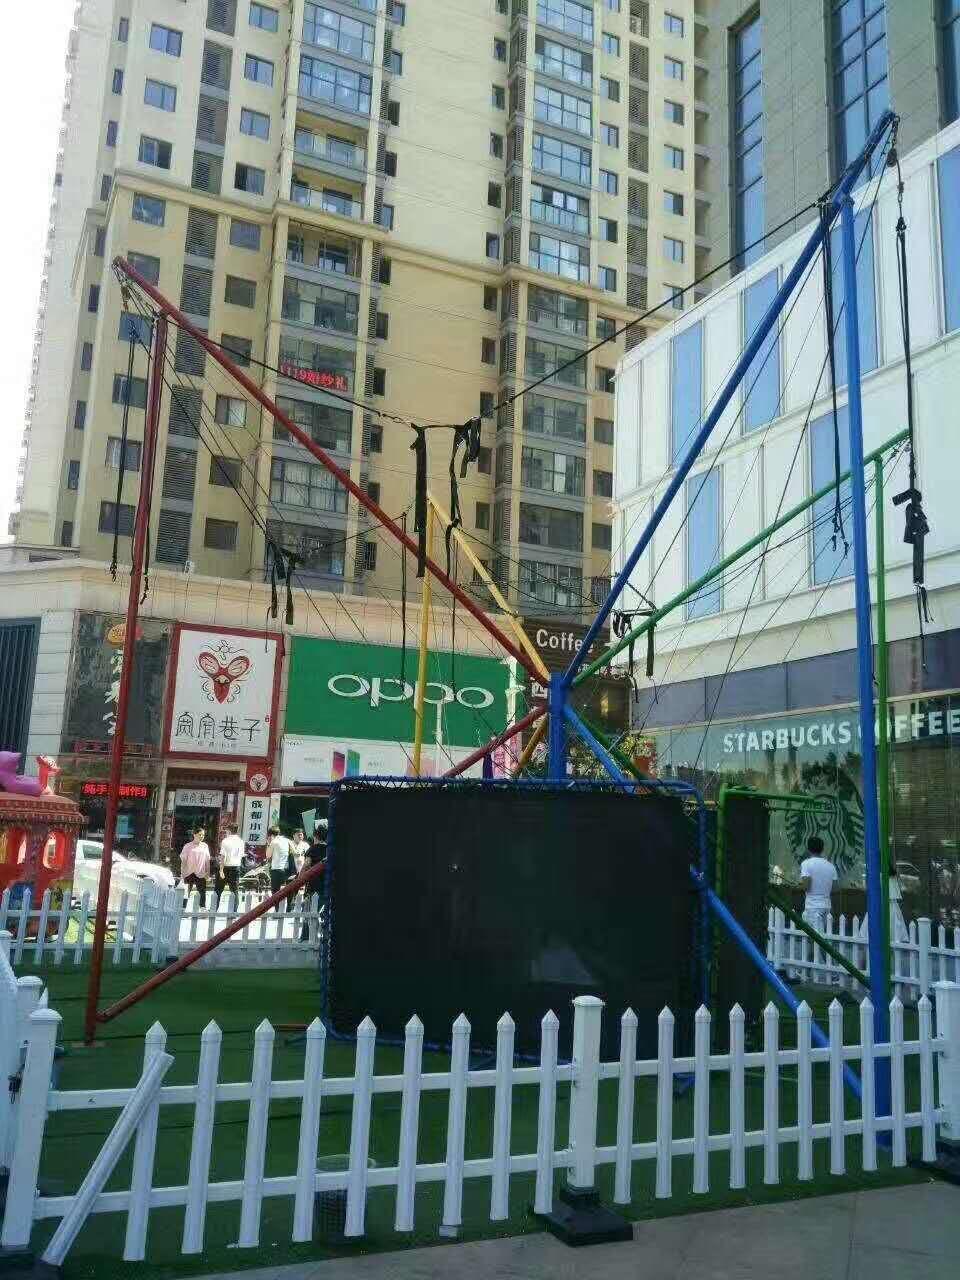 新款广场小型游乐设备小蹦极 郑州大洋专业生产4人蹦极游乐设备示例图4